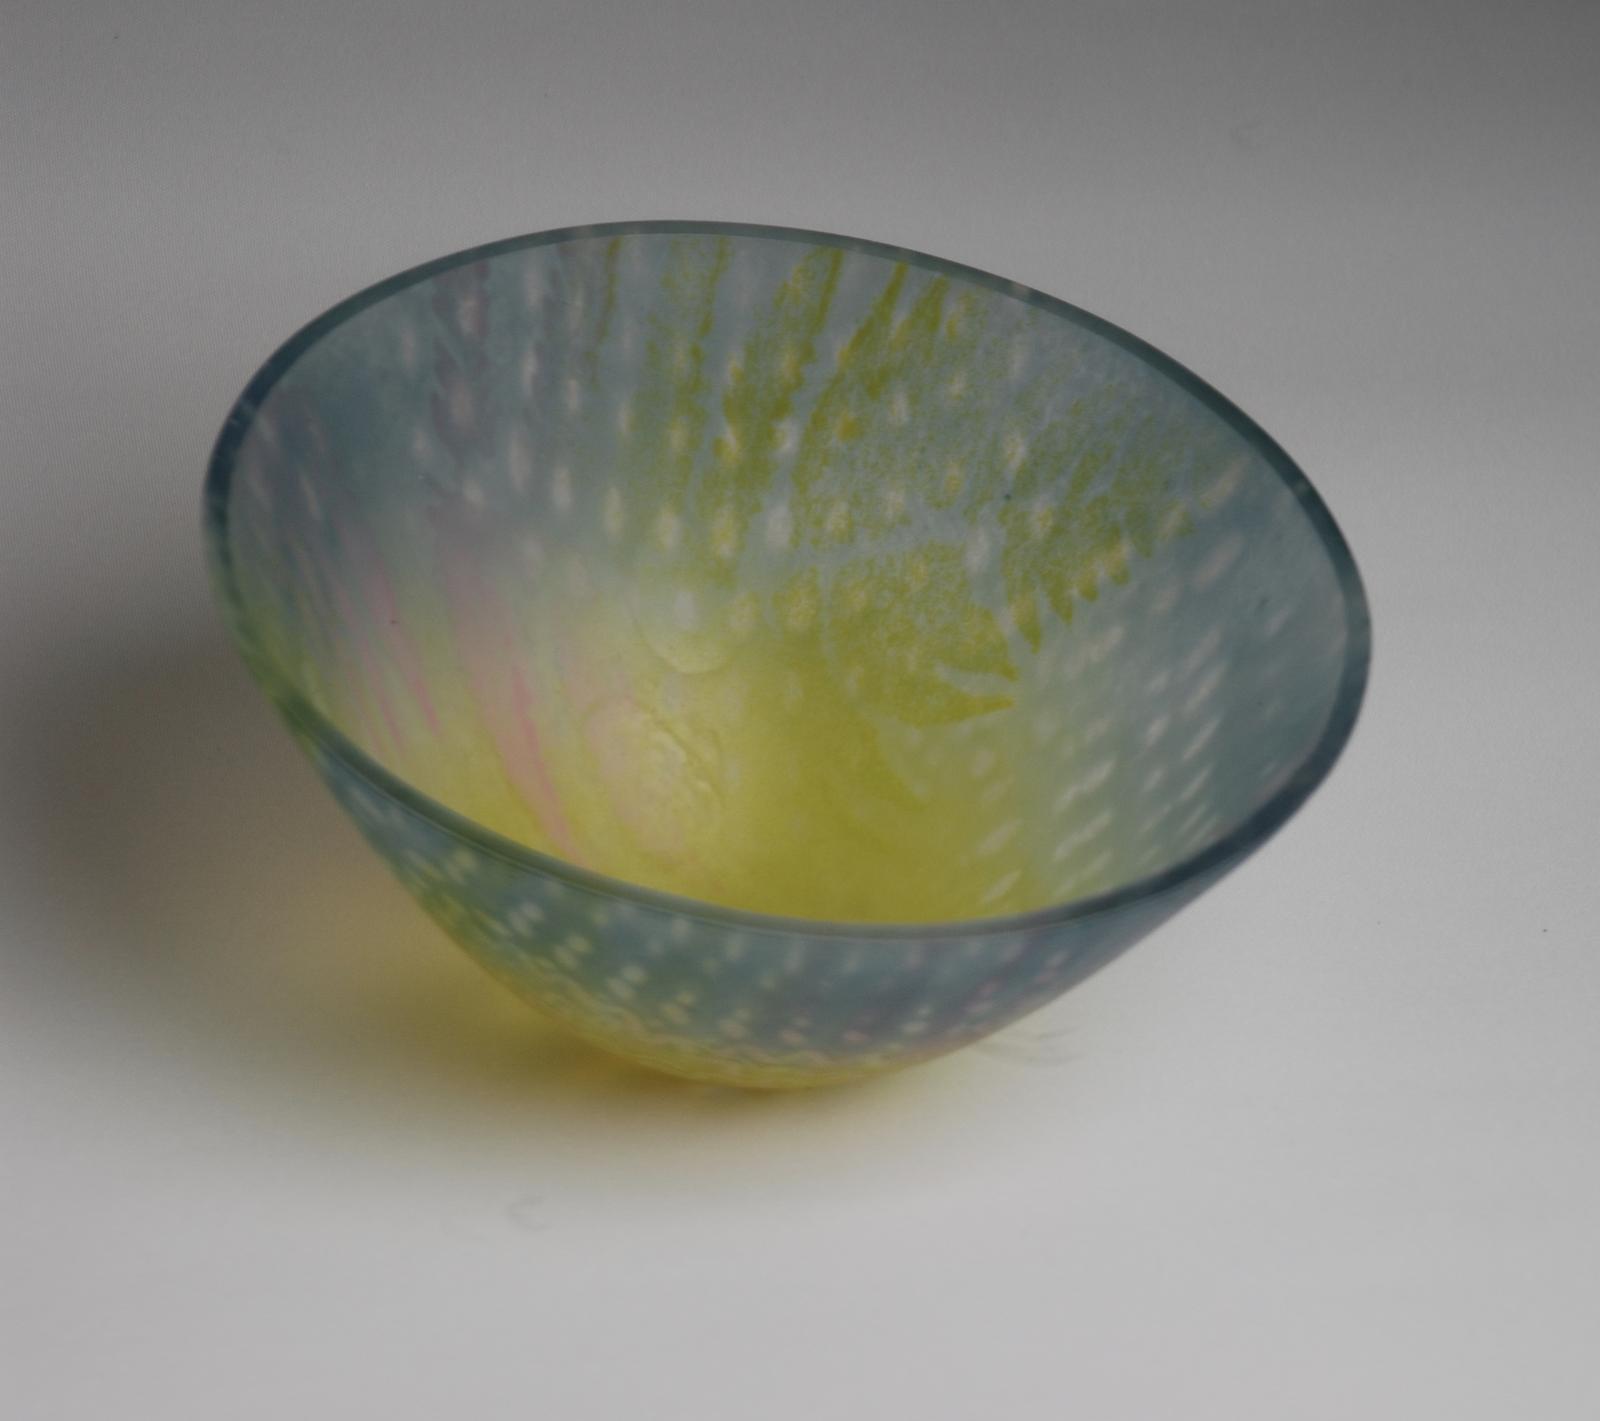 Fern Powder Bowl